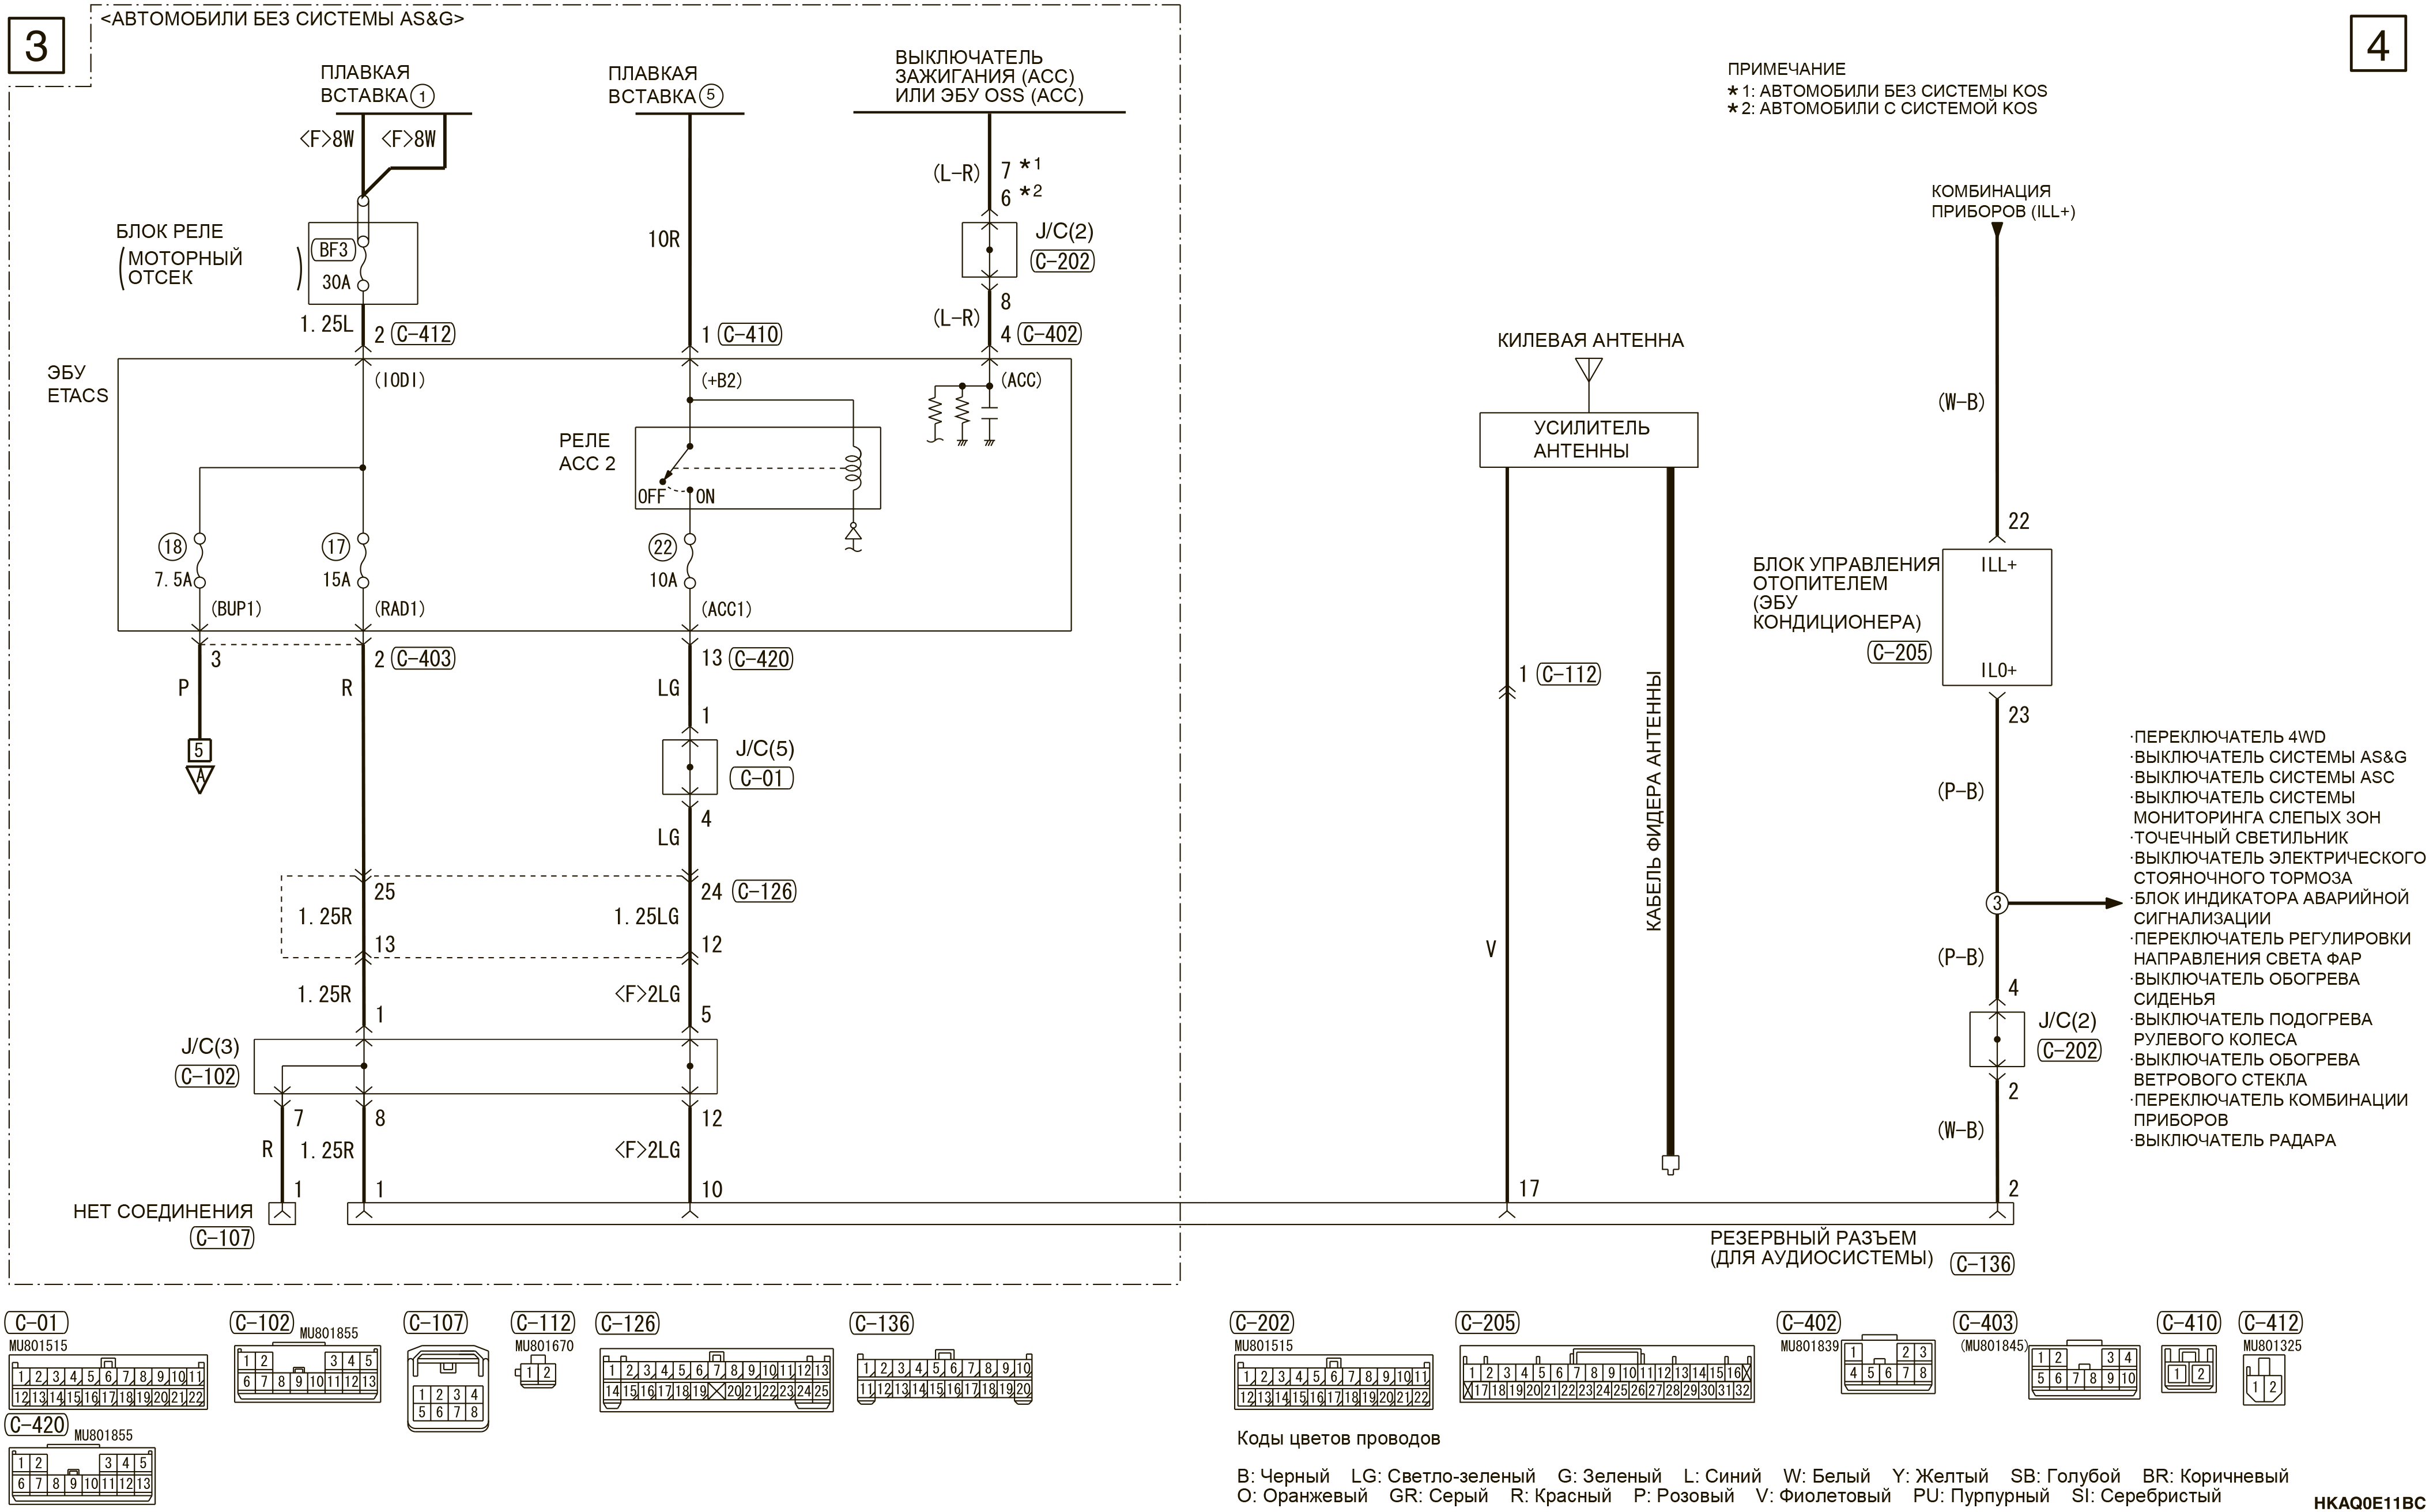 mmc аутлендер 3 2019 электросхемаРЕЗЕРВНЫЙ РАЗЪЕМ (ДЛЯ АУДИОСИСТЕМЫ) ПРАВОСТОРОННЕЕ УПРАВЛЕНИЕ